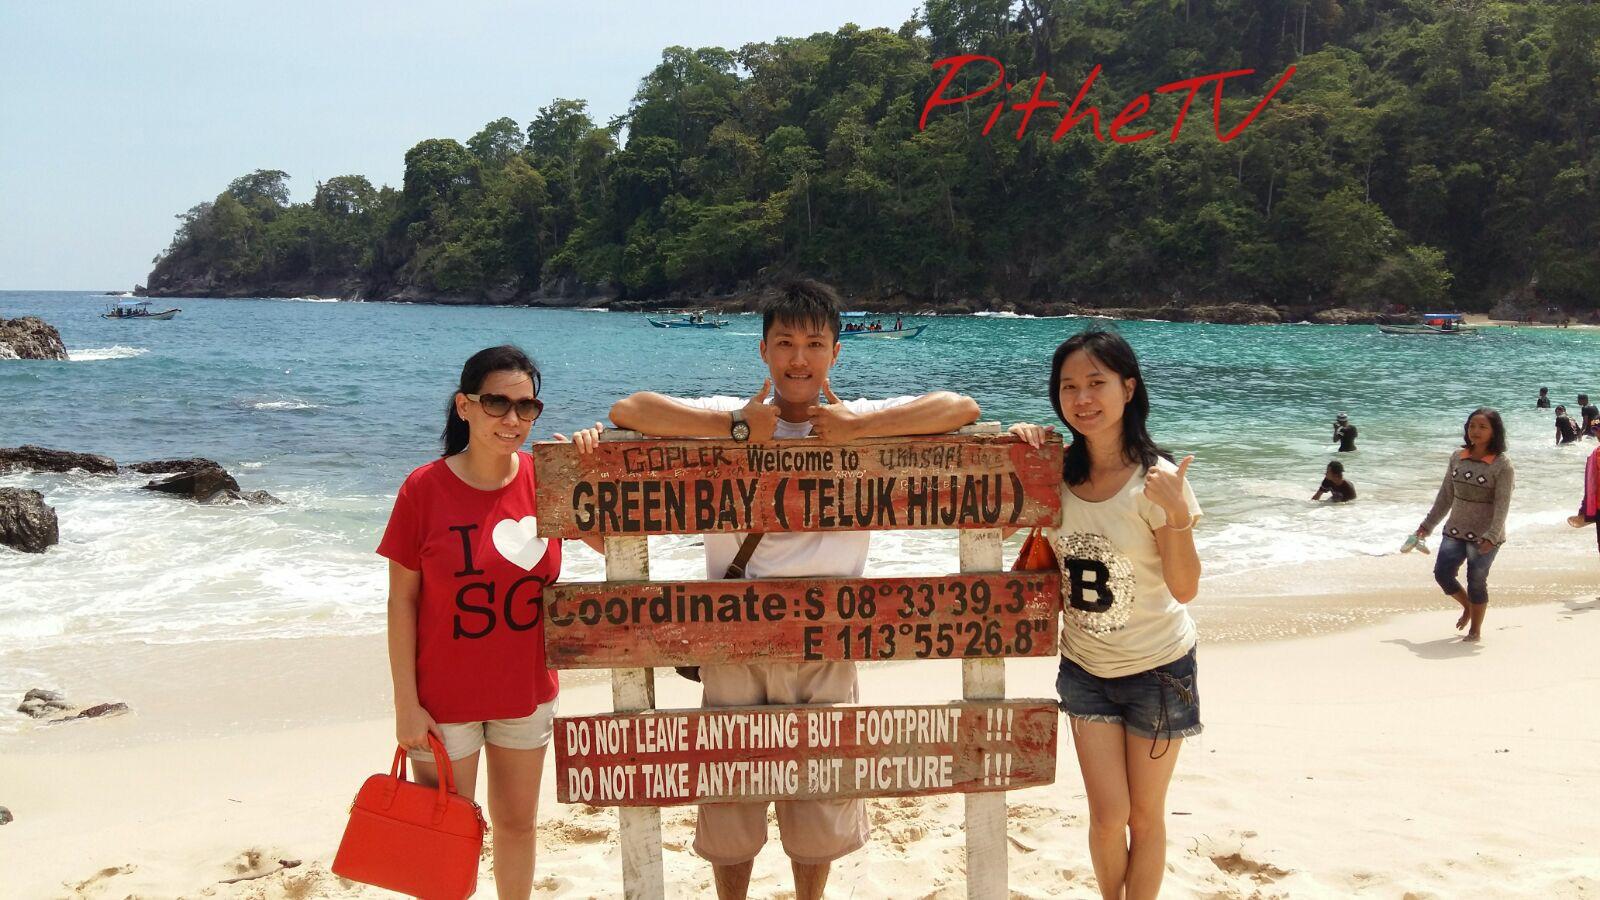 Teluk Hijau Greenbay Banyuwangi Jawa Timur Pithetv Image Pantai Kab